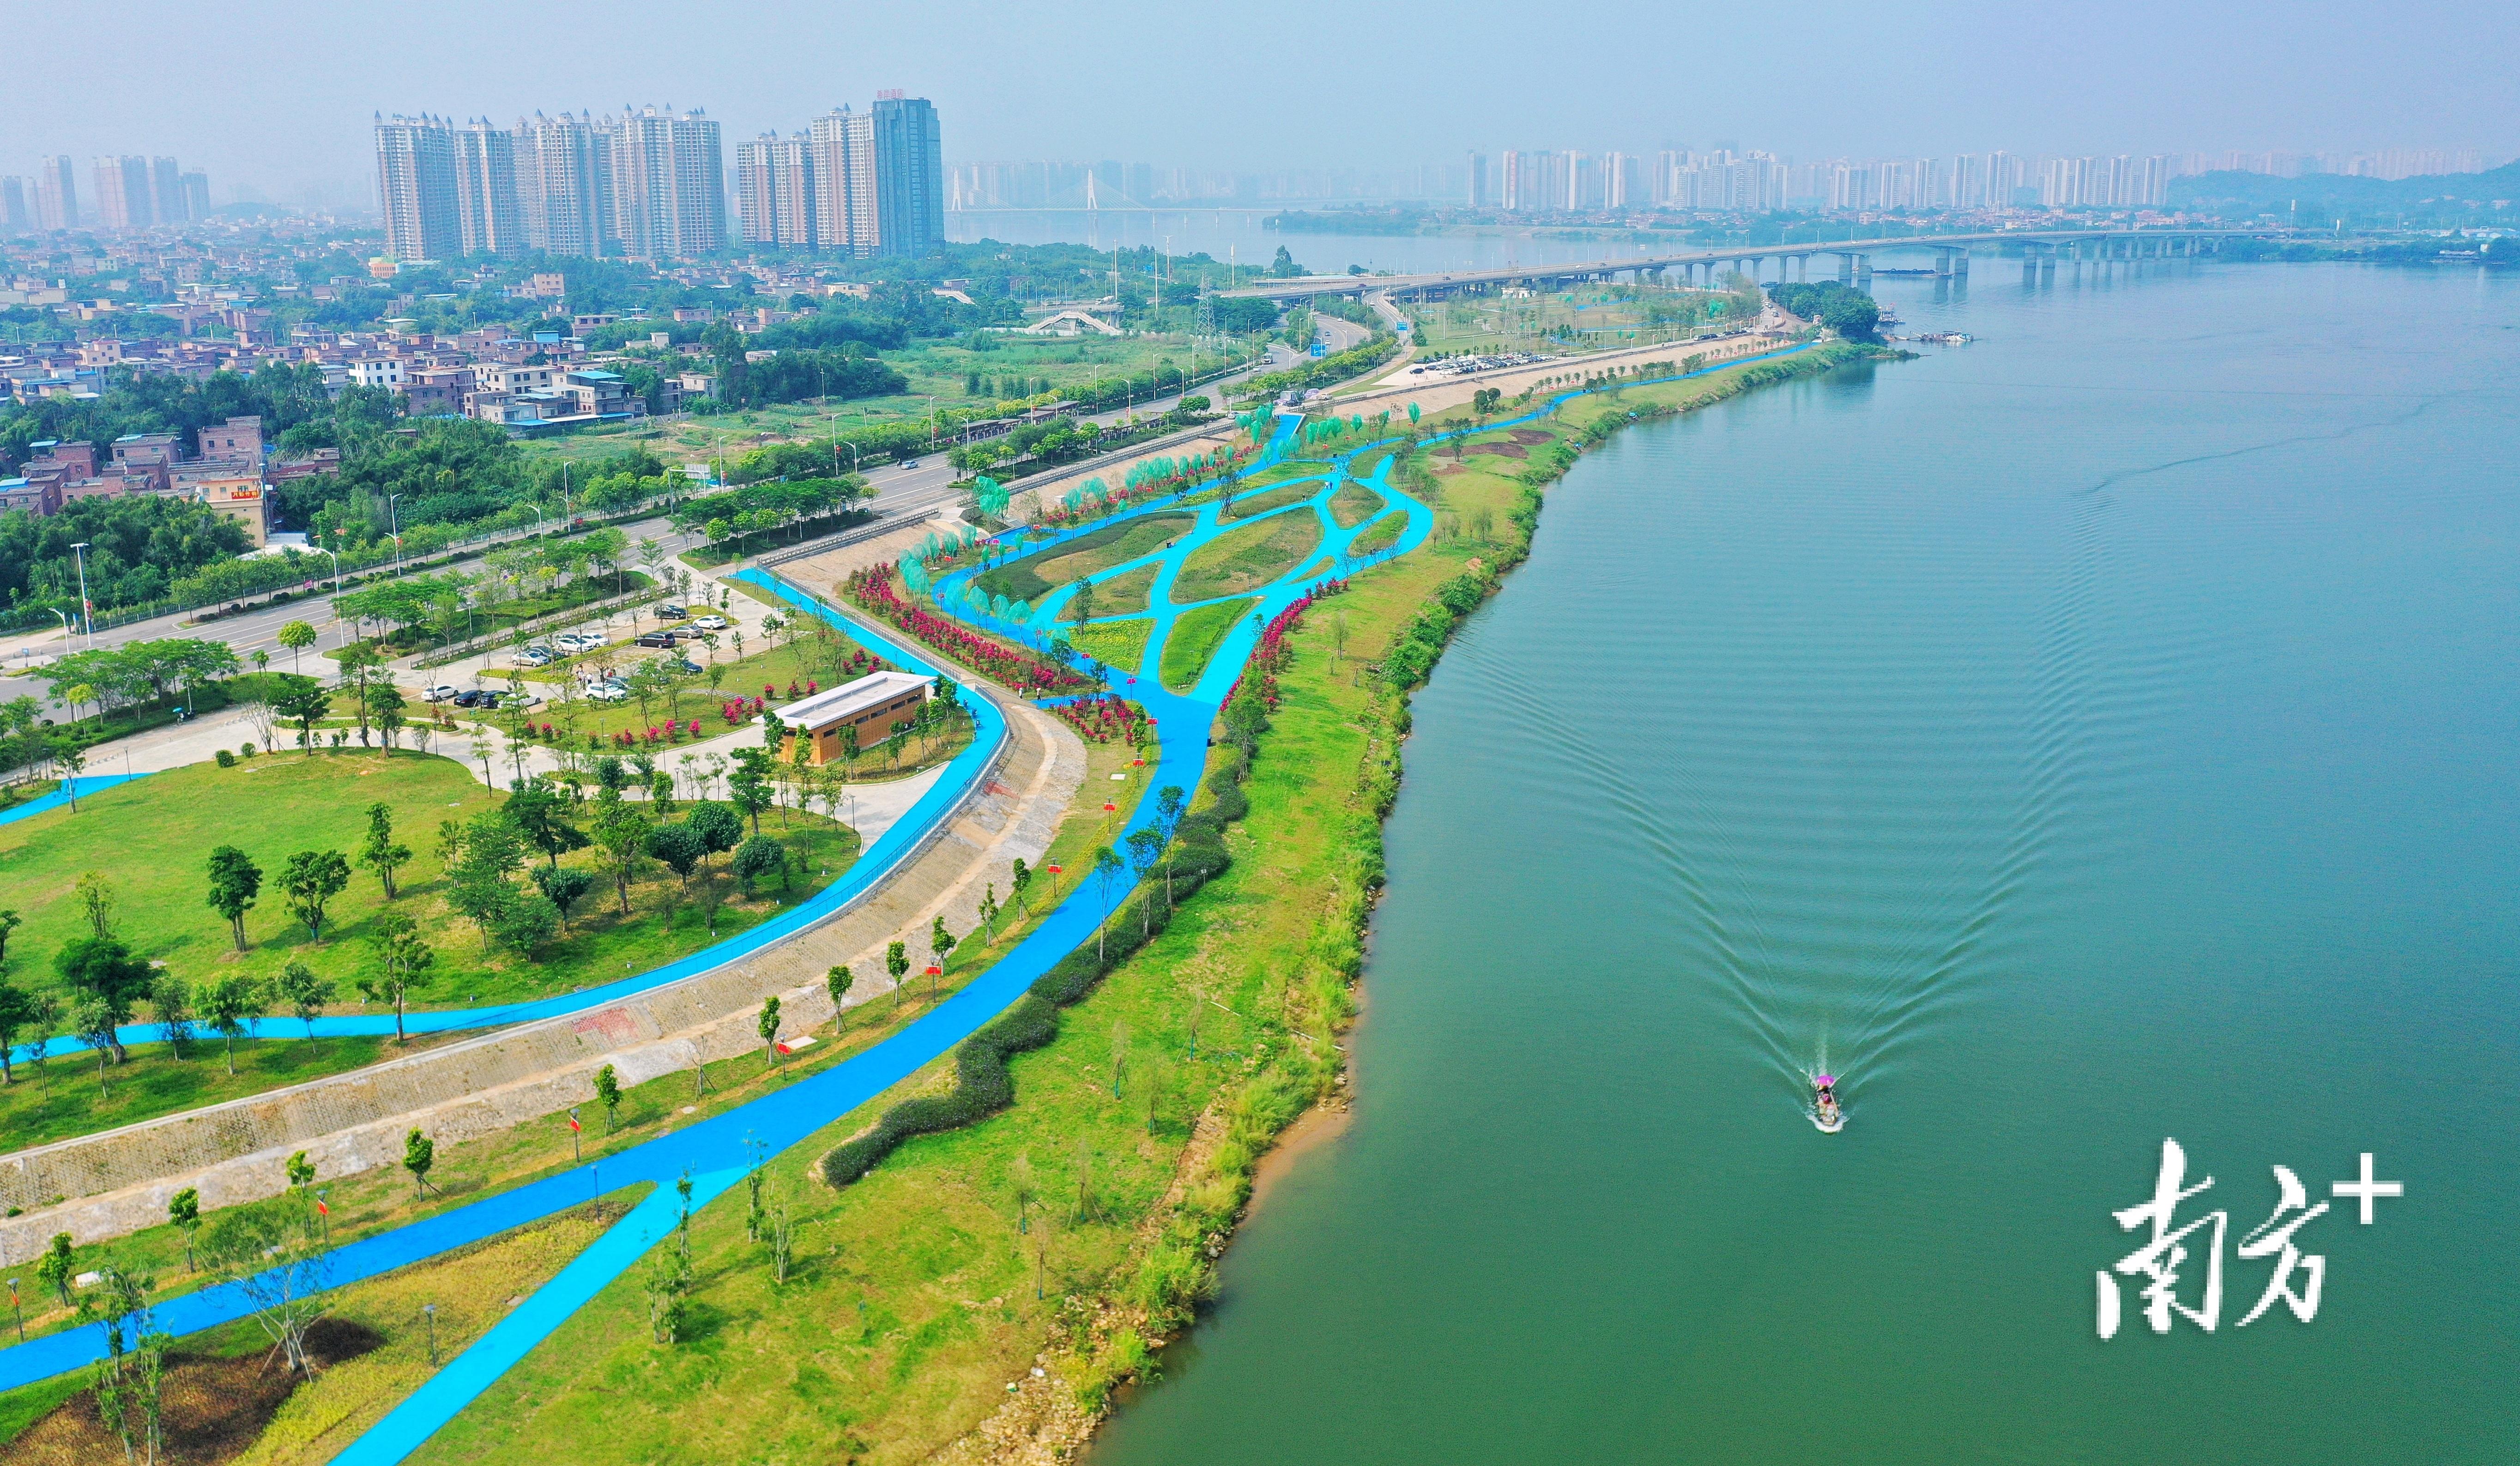 国庆佳节首日,清远北江南岸公园约5.2公里的郊野游乐之路正式开园,标志着南岸公园约8.1公里碧道全段贯通。